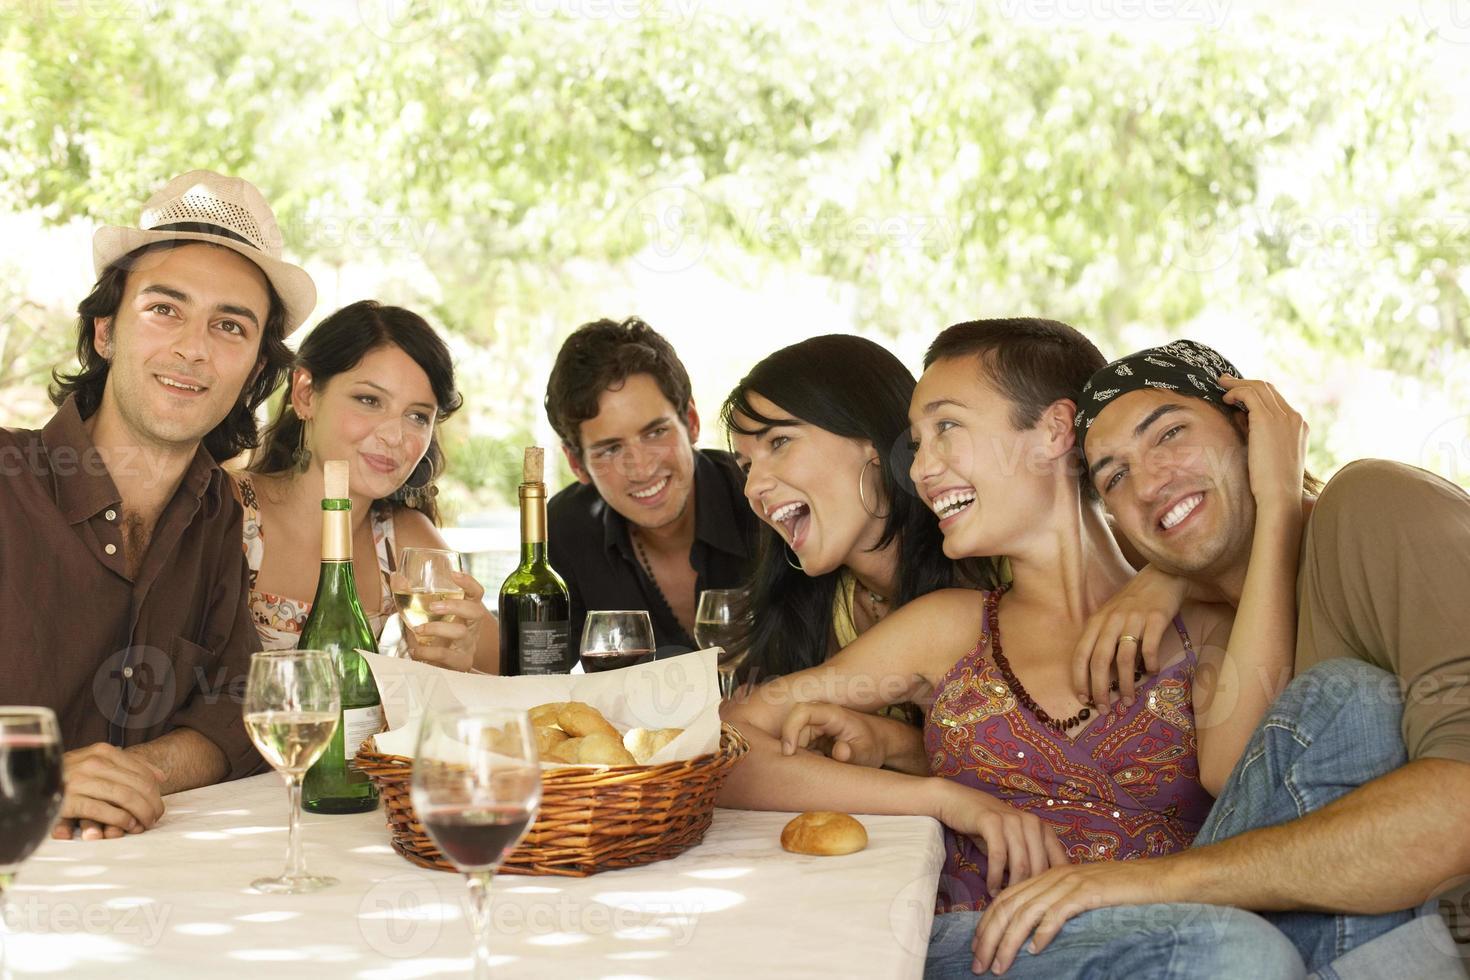 amici con bevande e cestino del pane a tavola godendo la festa foto